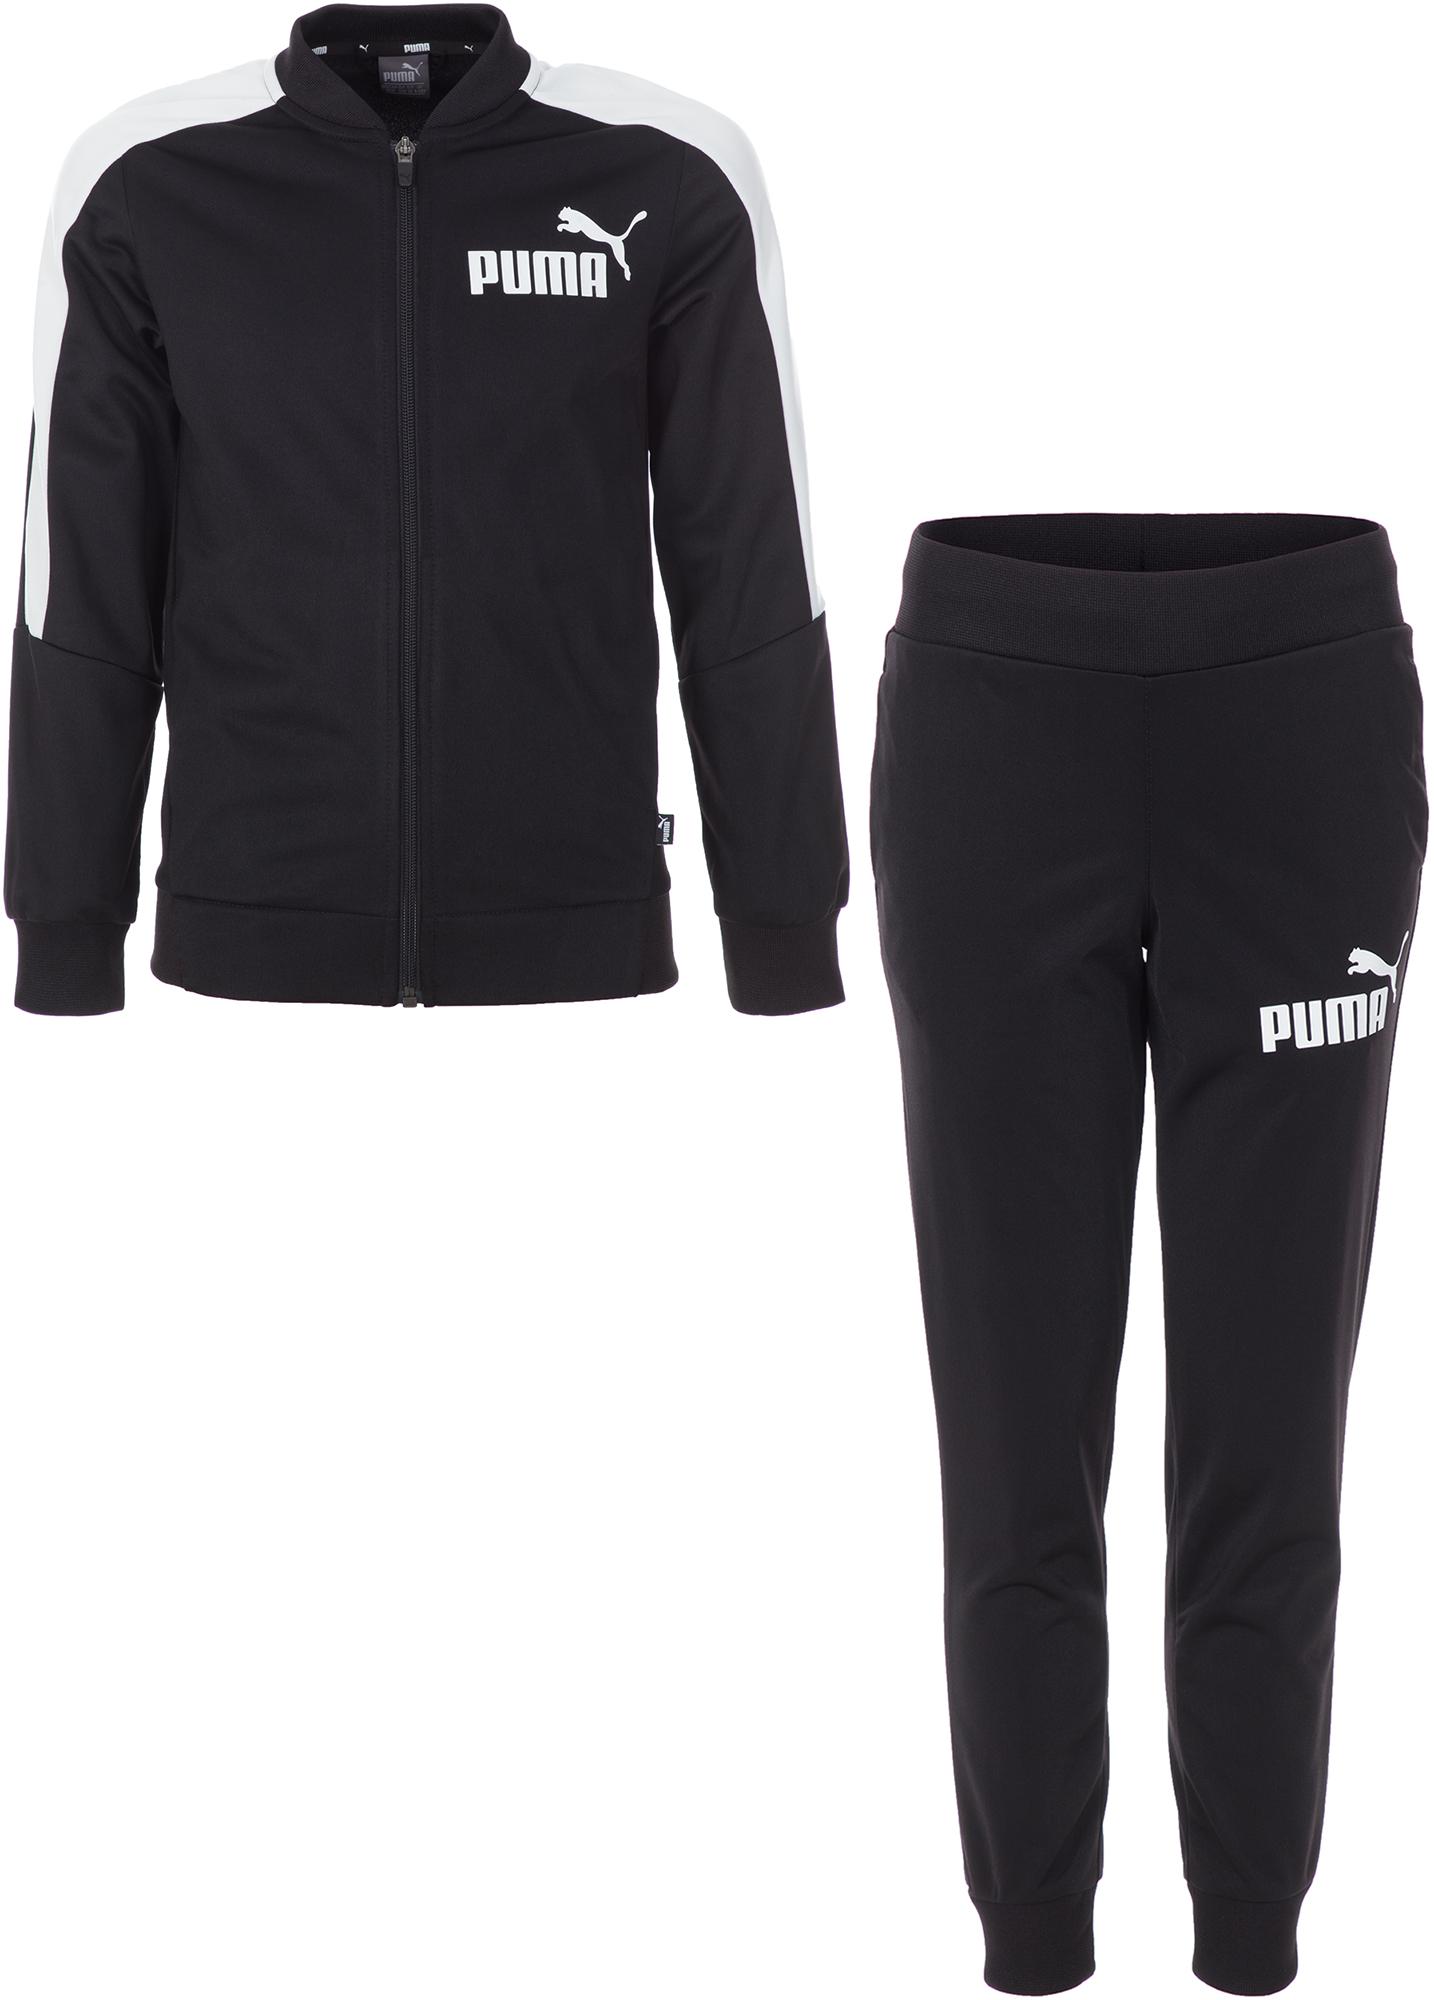 купить Puma Костюм спортивный для мальчиков Puma Baseball Collar Track, размер 128 по цене 3199 рублей